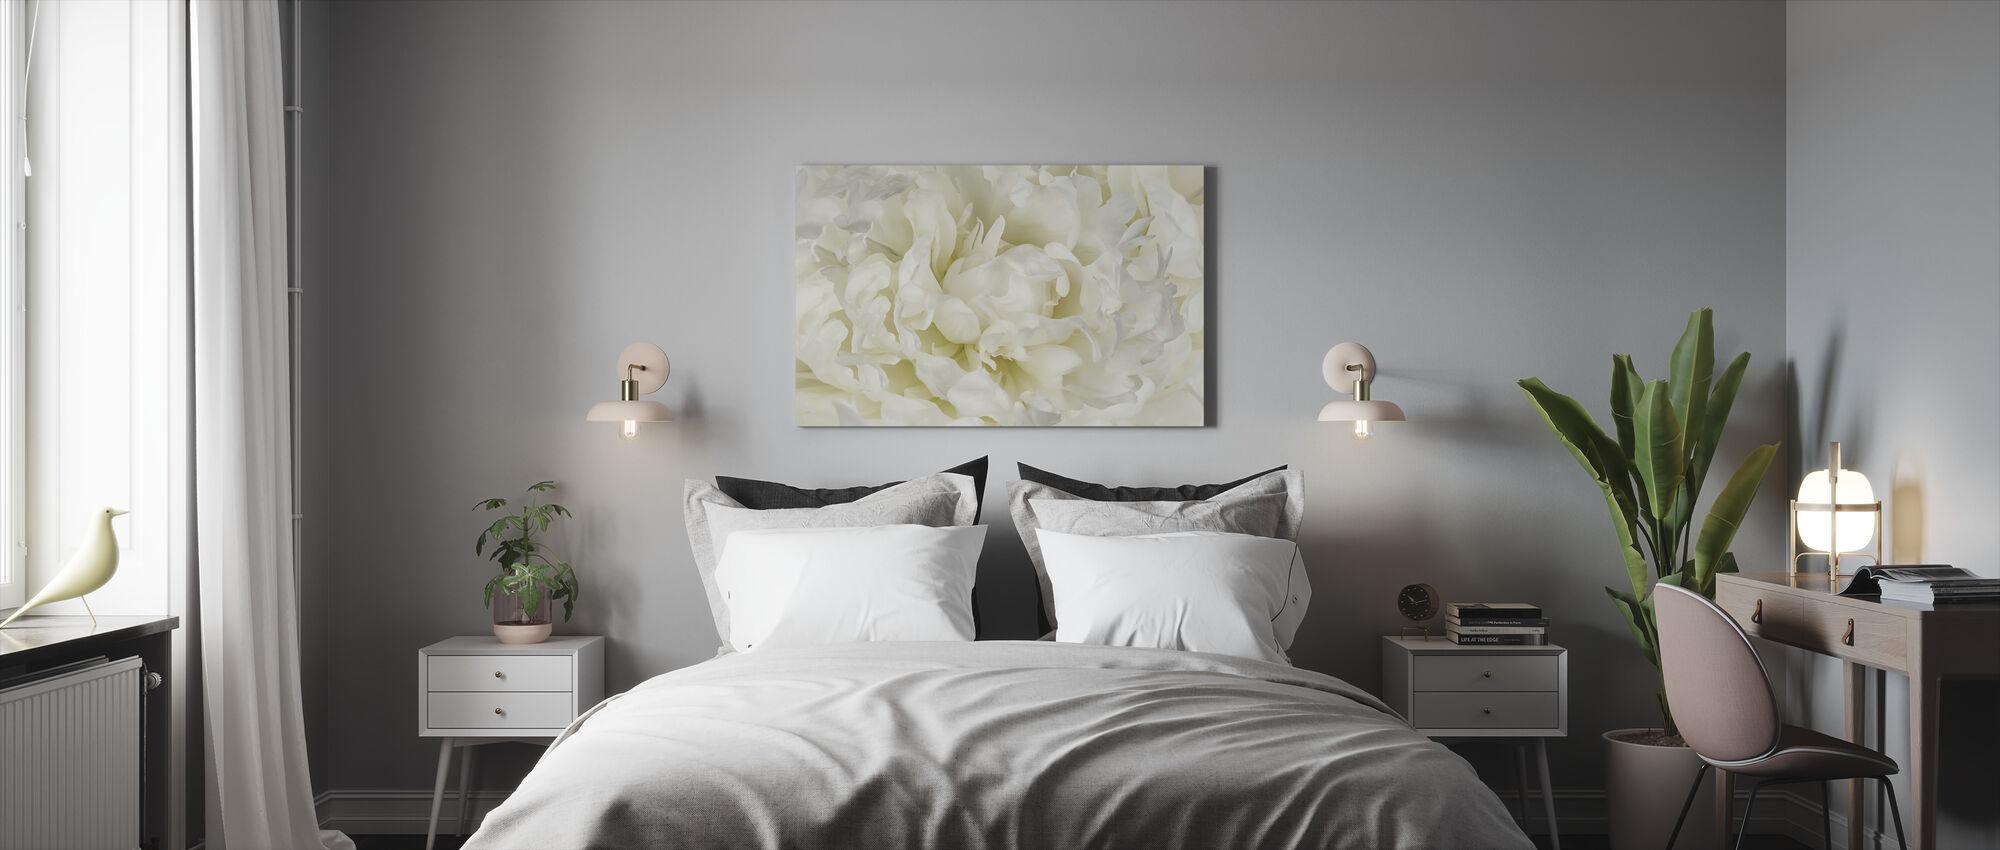 Ivoor Witte Pioen - Canvas print - Slaapkamer